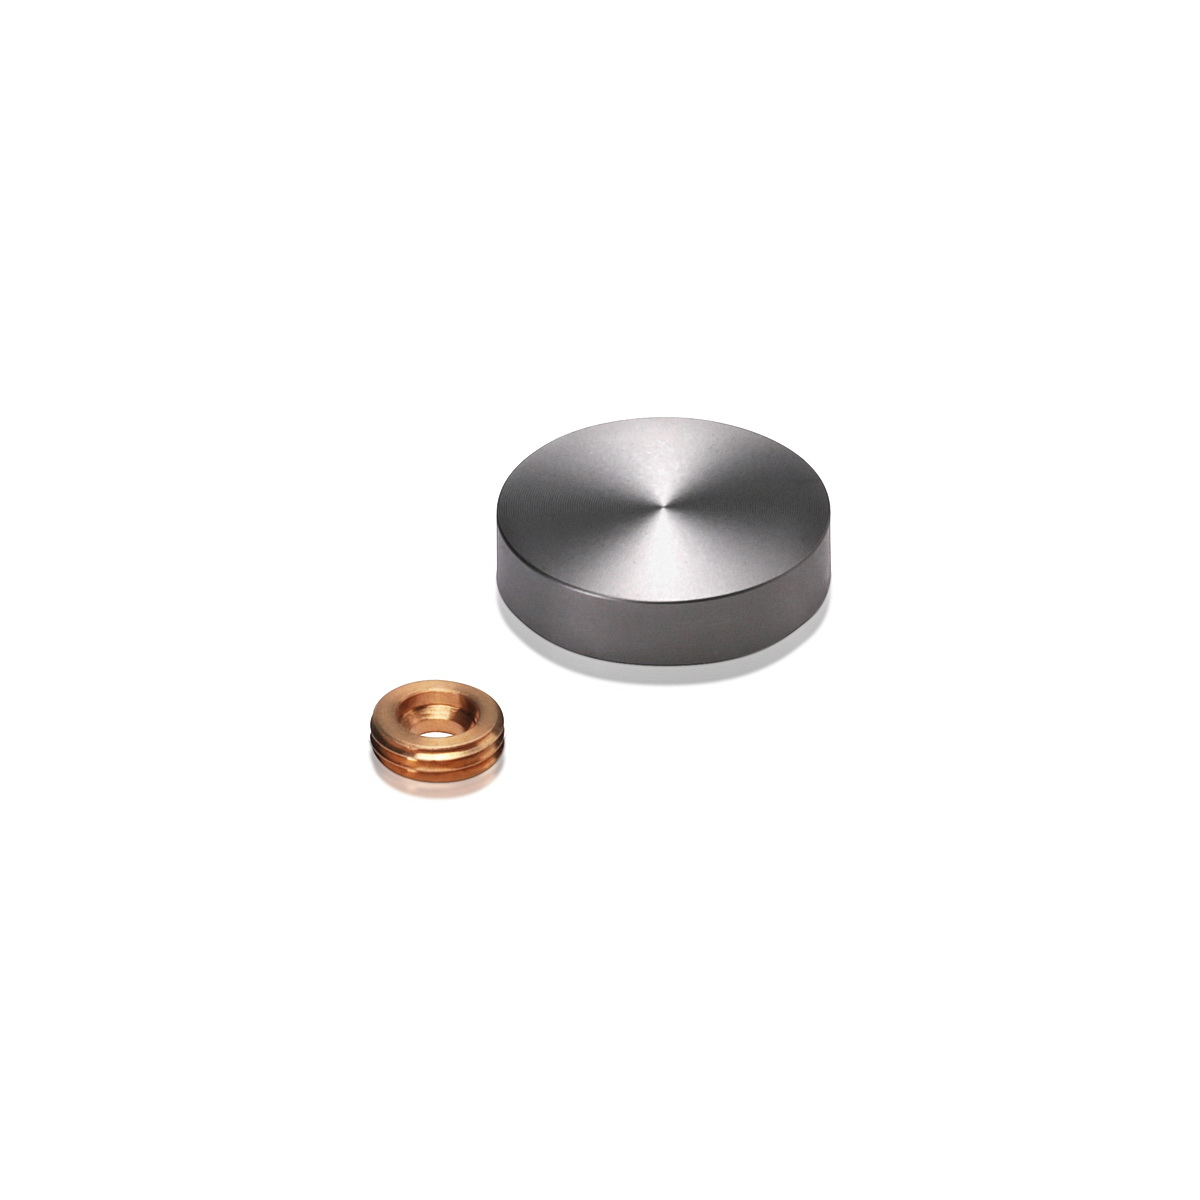 Set of 4 Screw Cover, Diameter: 1'' (25mm), Aluminum Titanium Finish